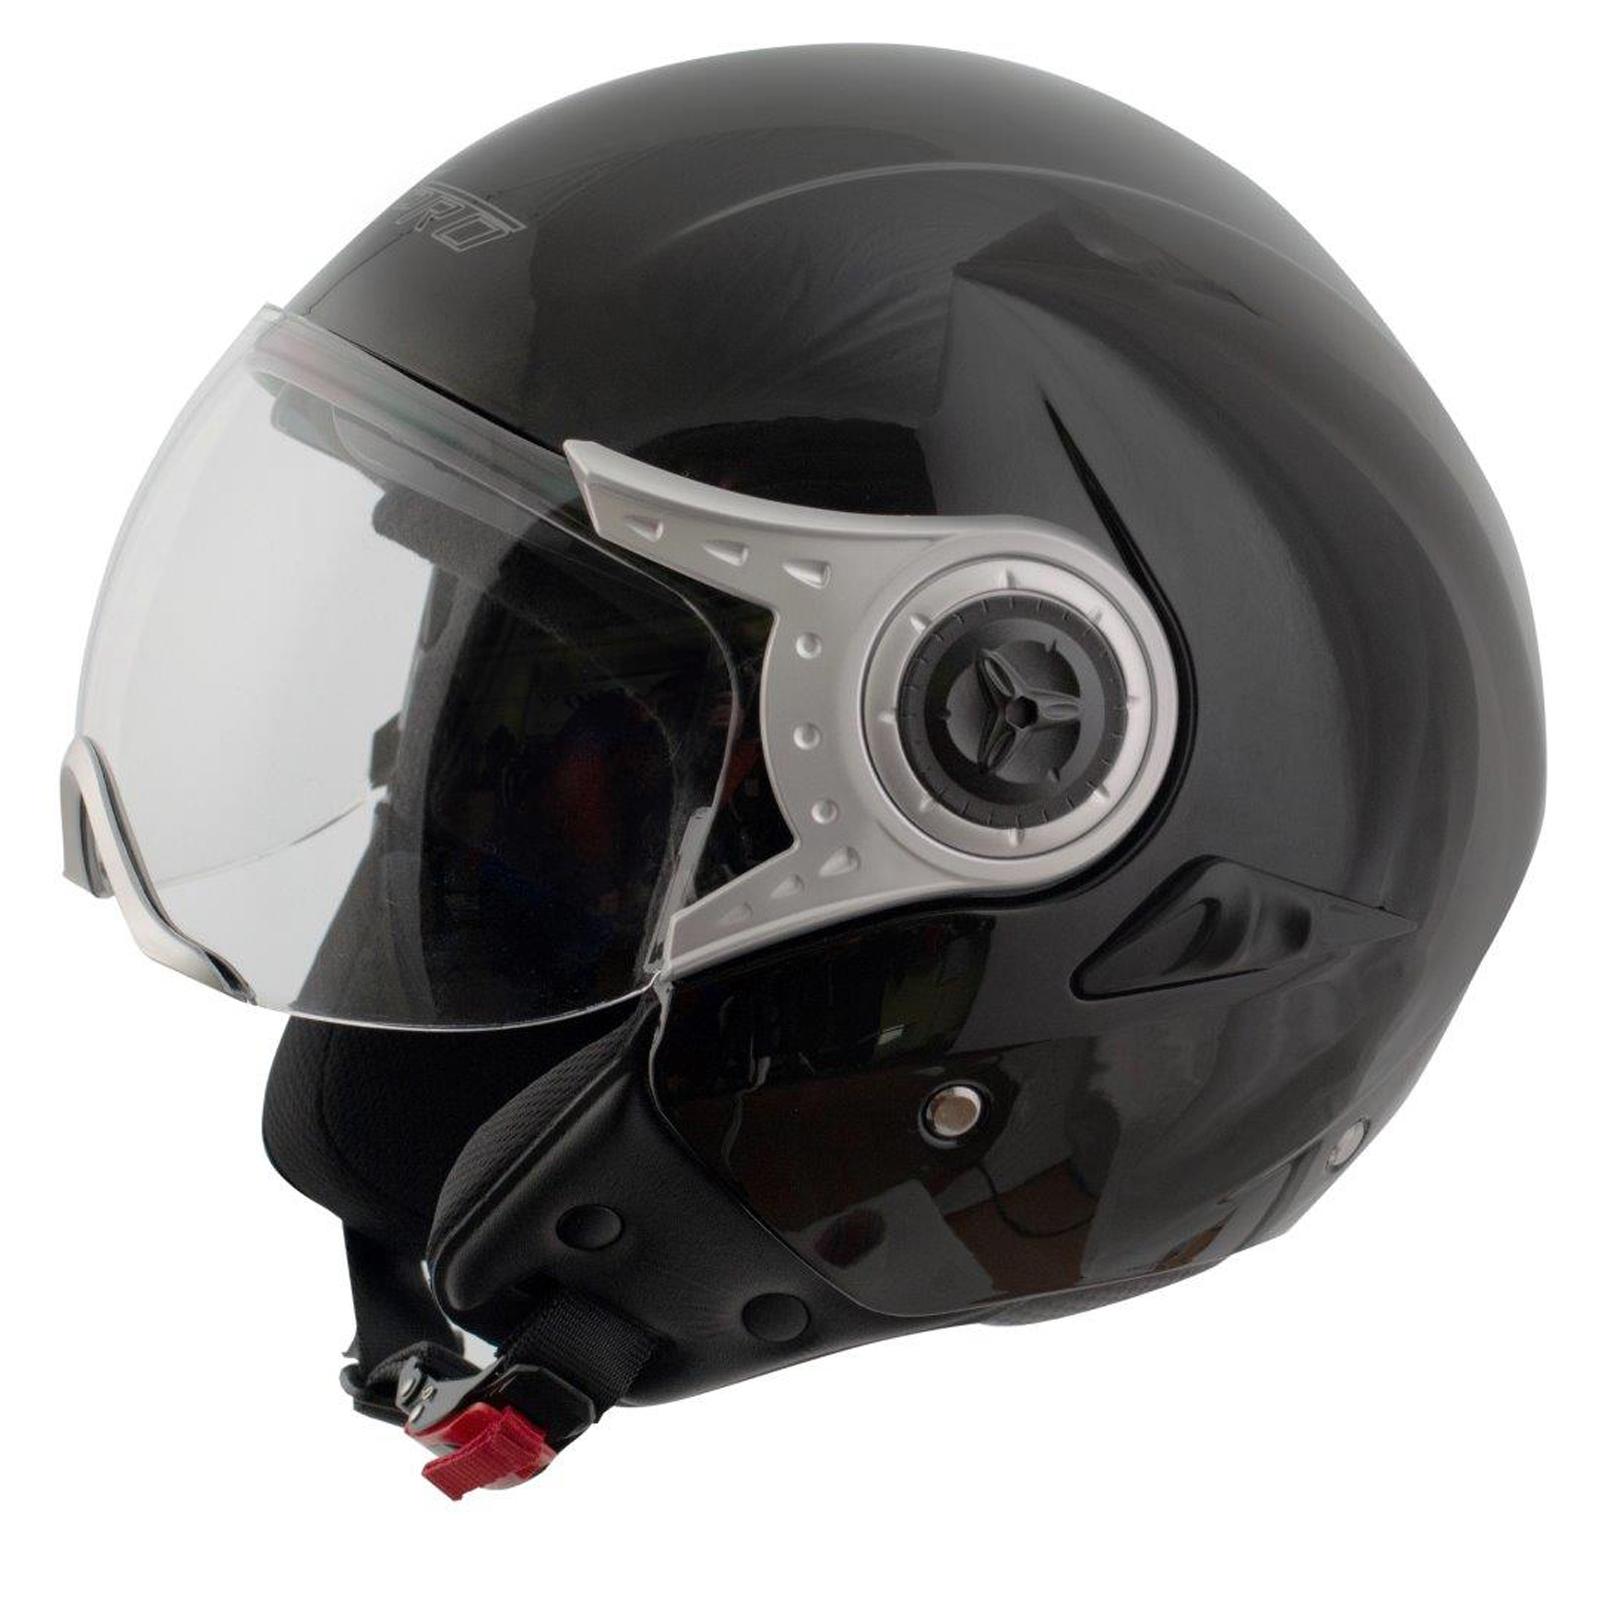 Demi-Jet-Casque-Homologue-Moto-Scooter-Visiere-Pare-Soleil-Noir